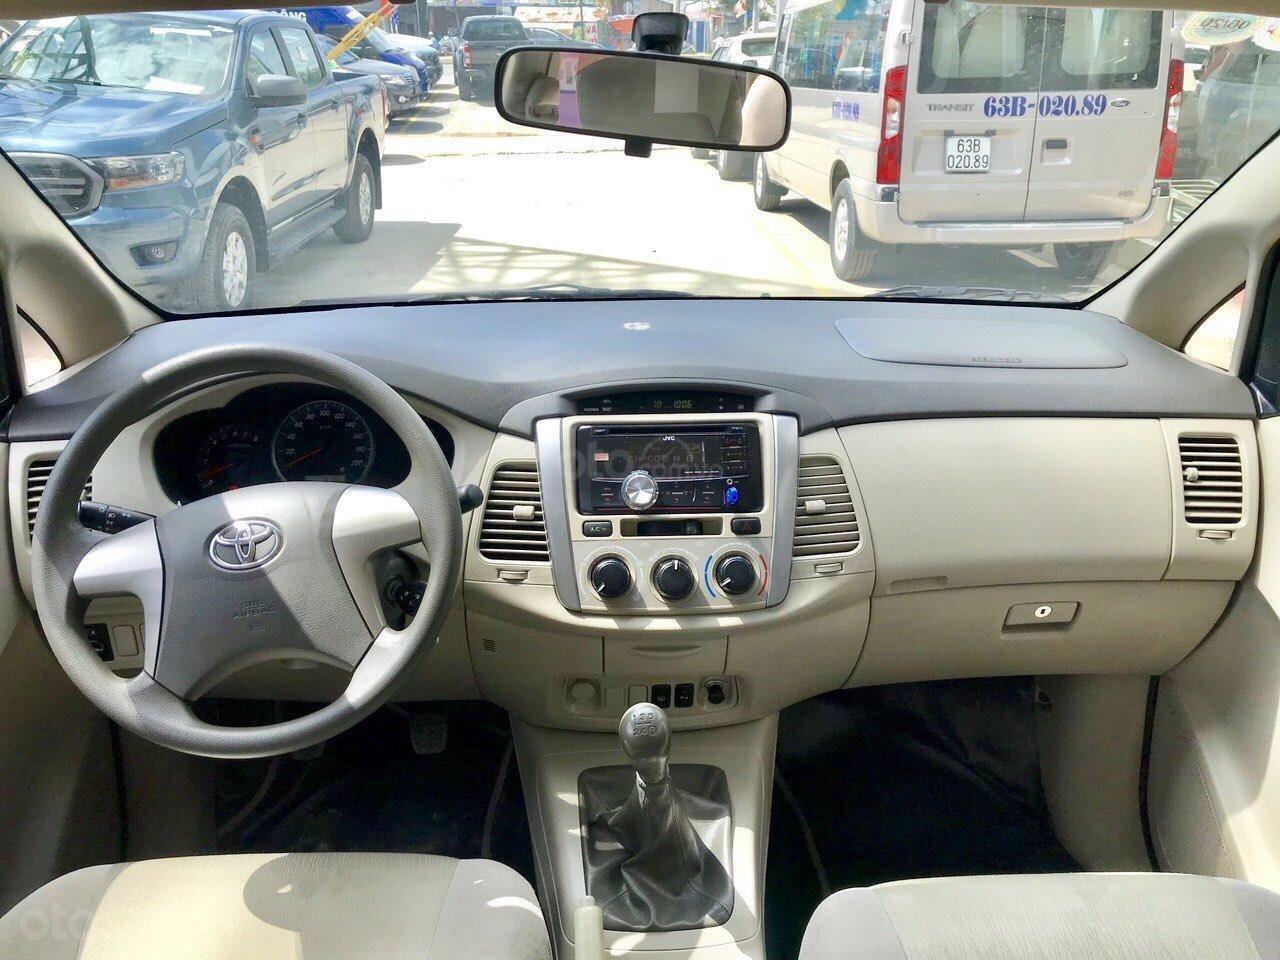 Toyota Innova 2.0E MT 2015 xe bán tại hãng Western Ford có bảo hành-10